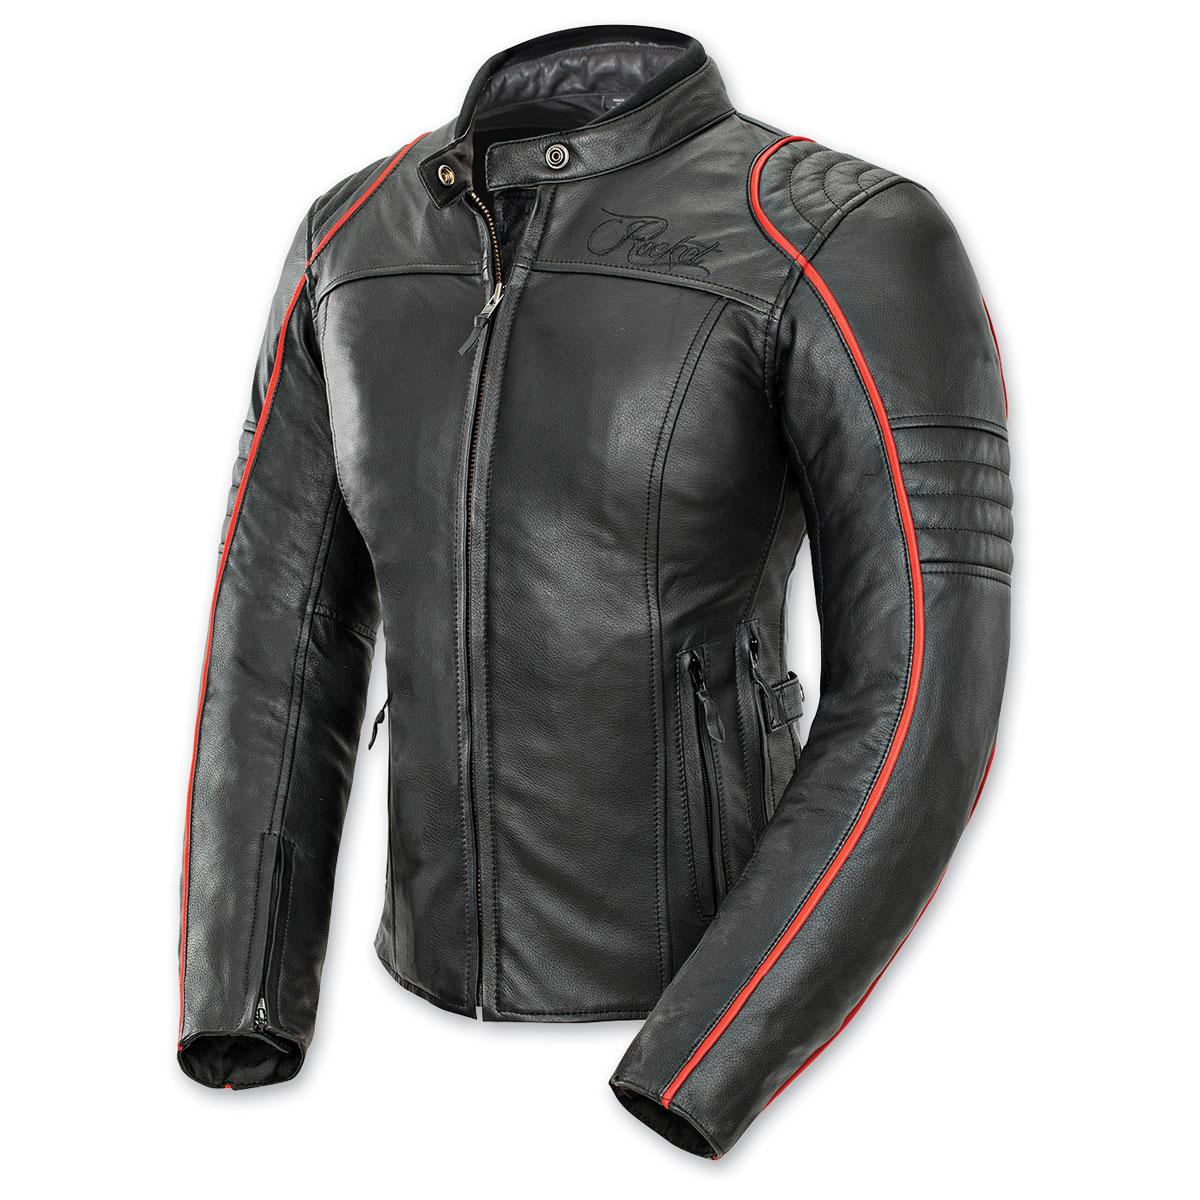 Joe Rocket Women's Lira Black/Red Leather Jacket